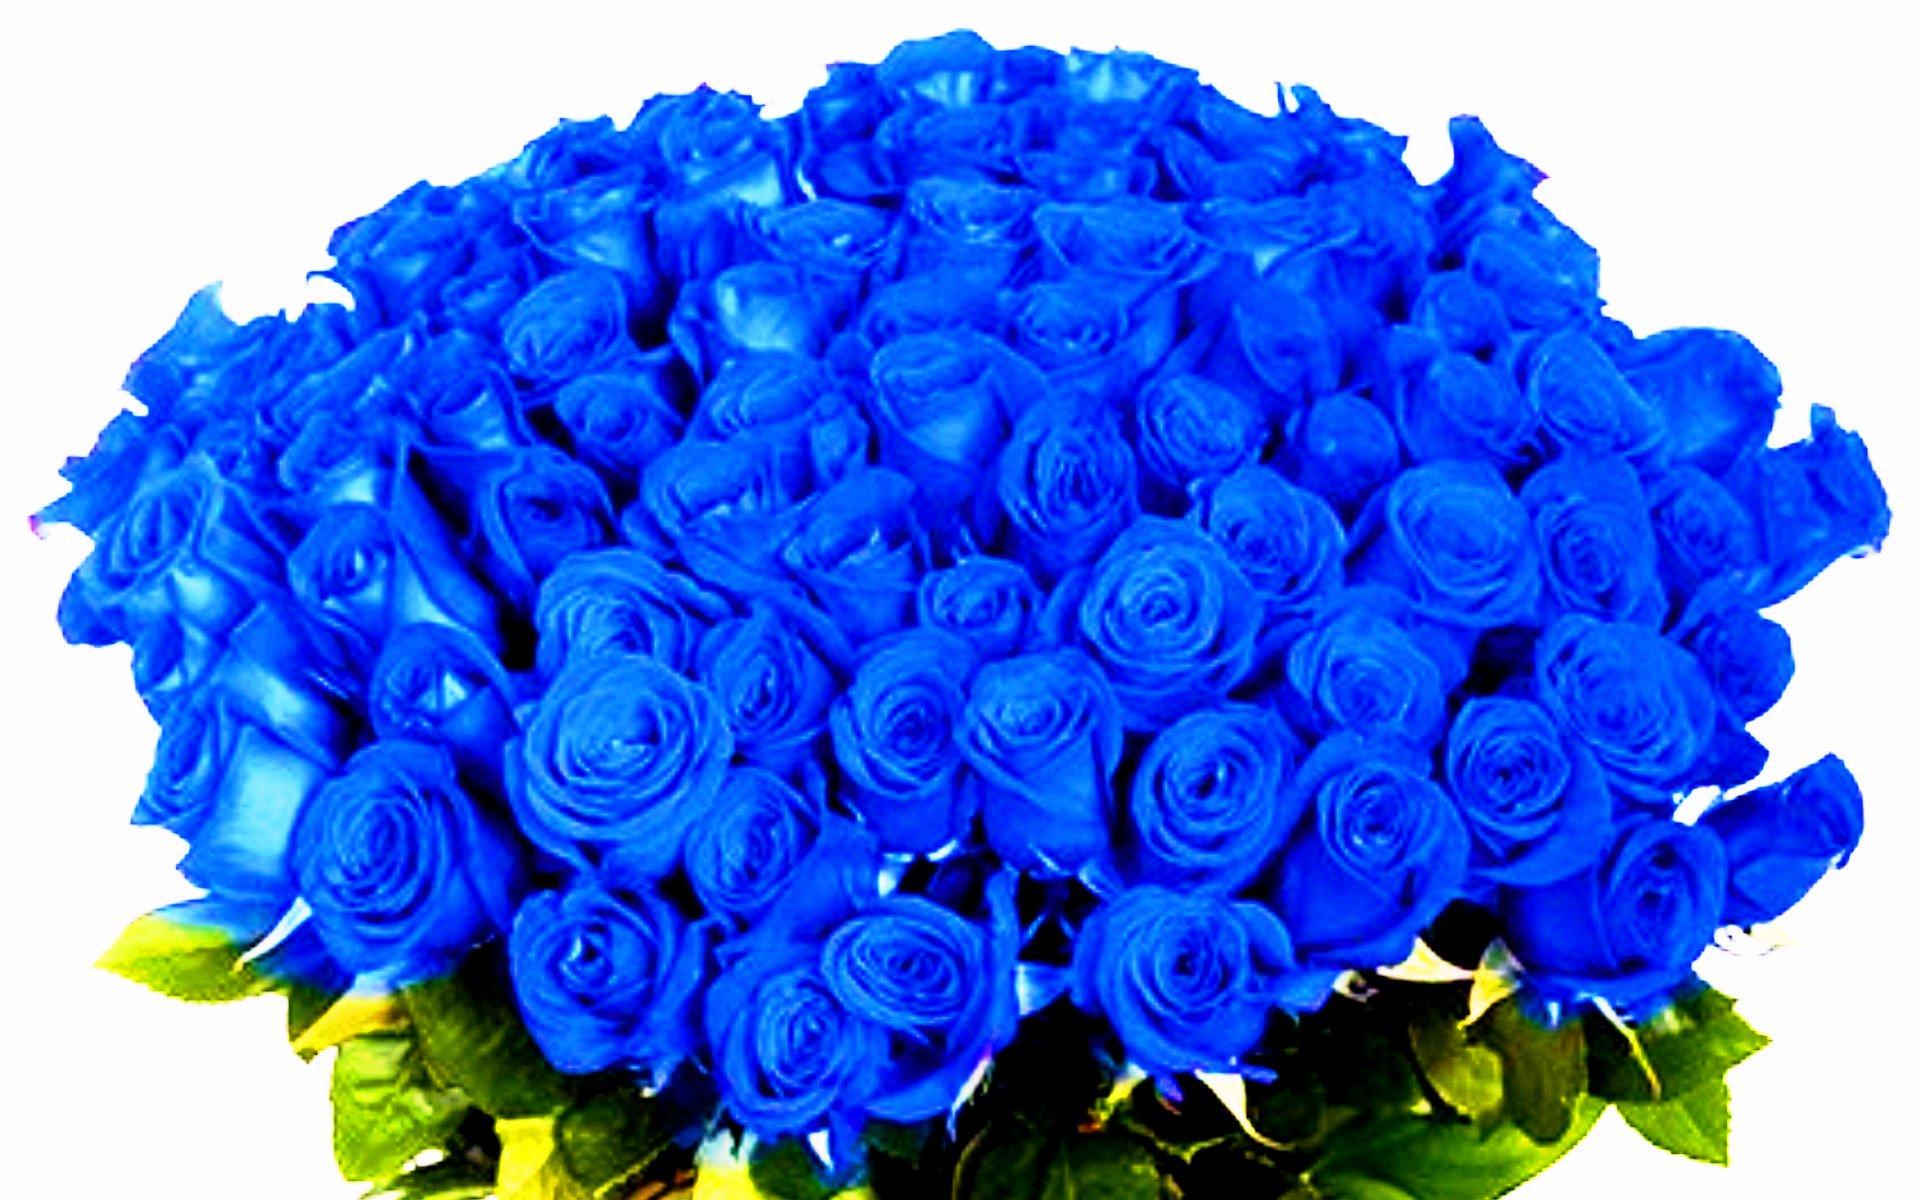 Котики открытки, открытки с голубыми розами